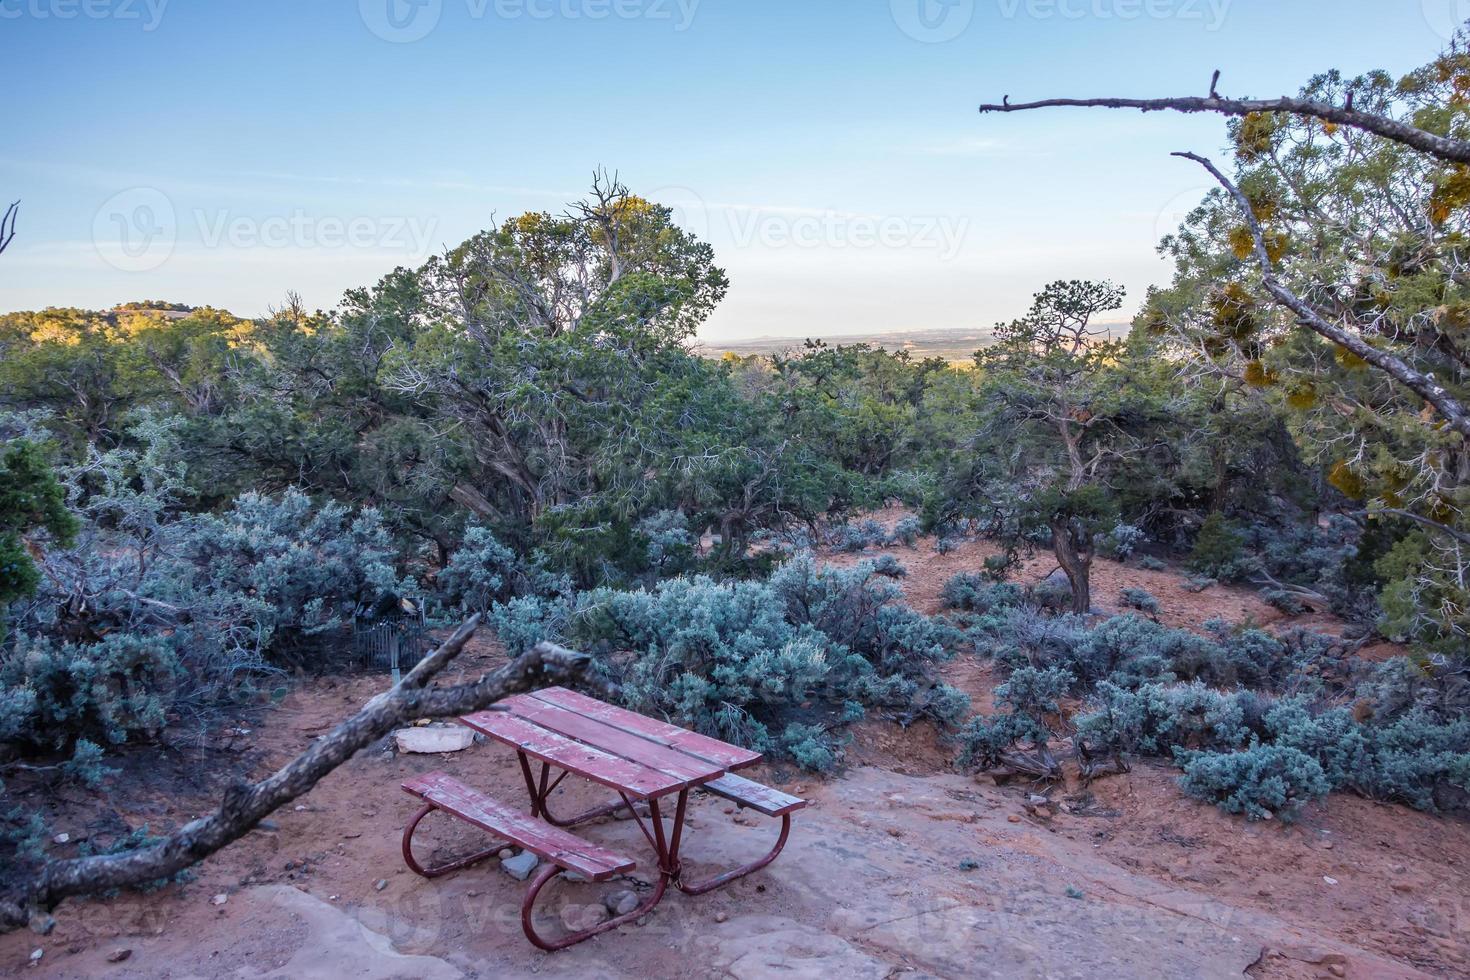 en gammal knutad enbärsträd nära navajo monument park utah foto